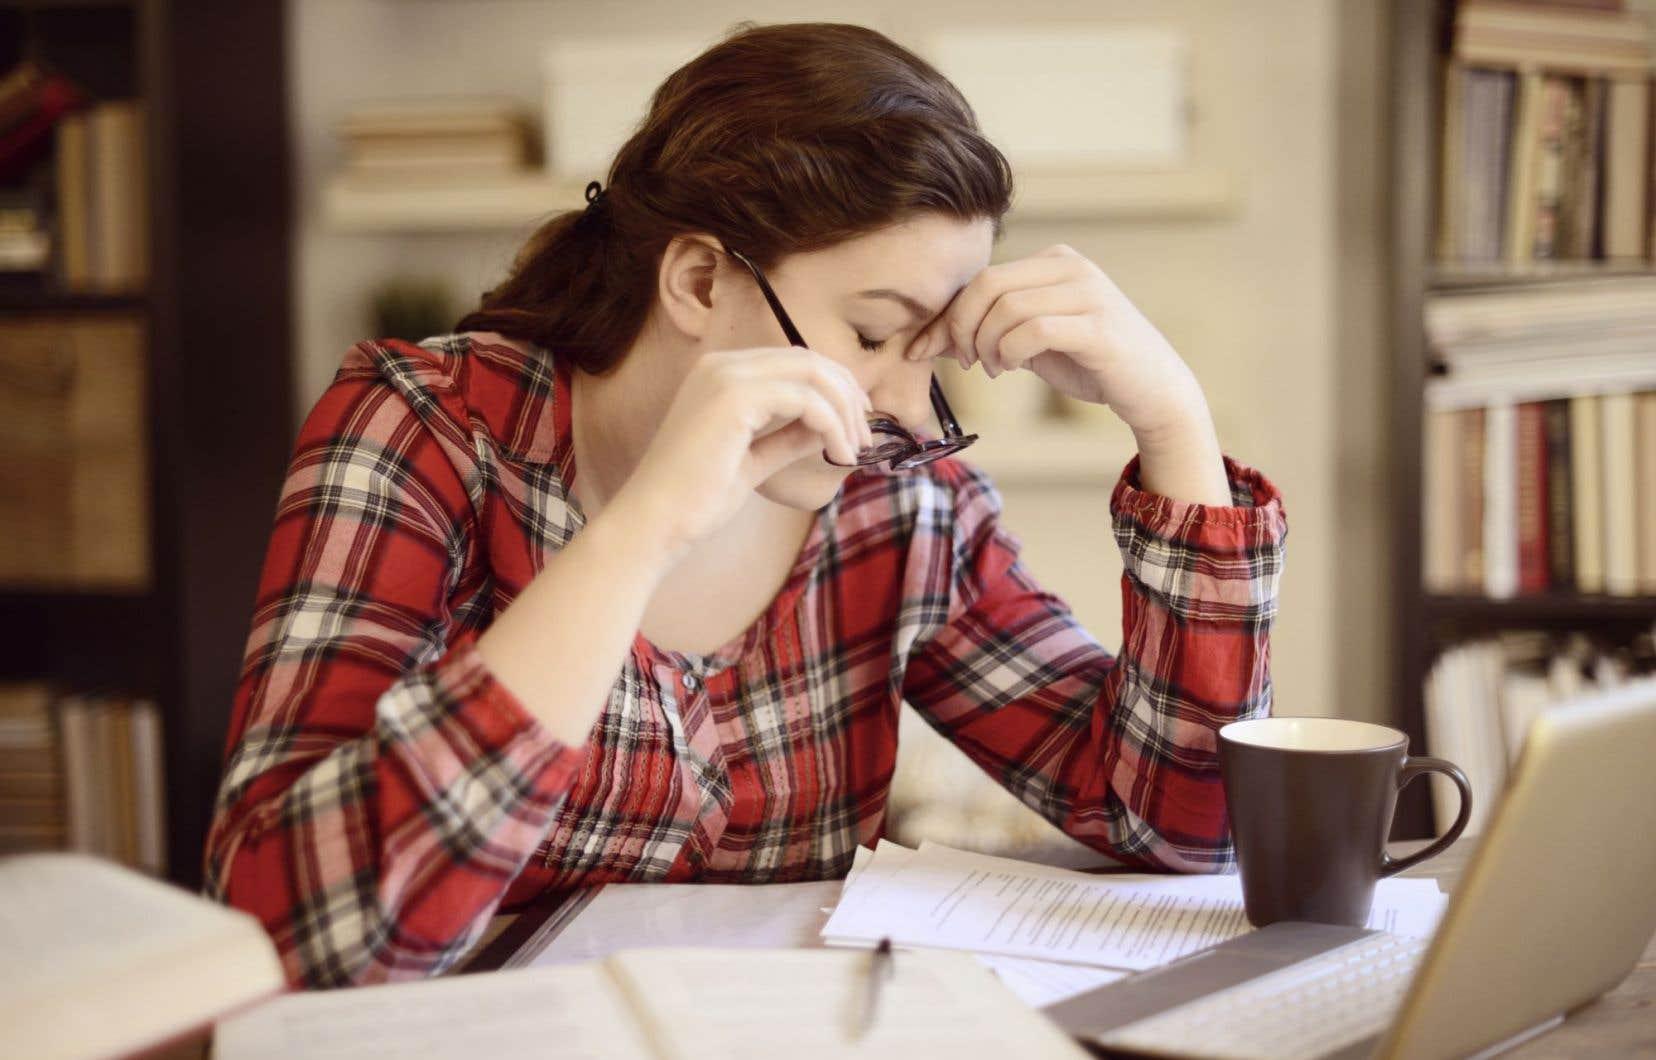 Selon Marie Audette, présidente sortante de l'Association canadienne des études supérieures (ACES), le chercheur souffre et s'isole pour rédiger une thèse qui ne sera lue par pratiquement personne par la suite, d'où sa volonté de modifier et de faire évoluer les modalités de la thèse.